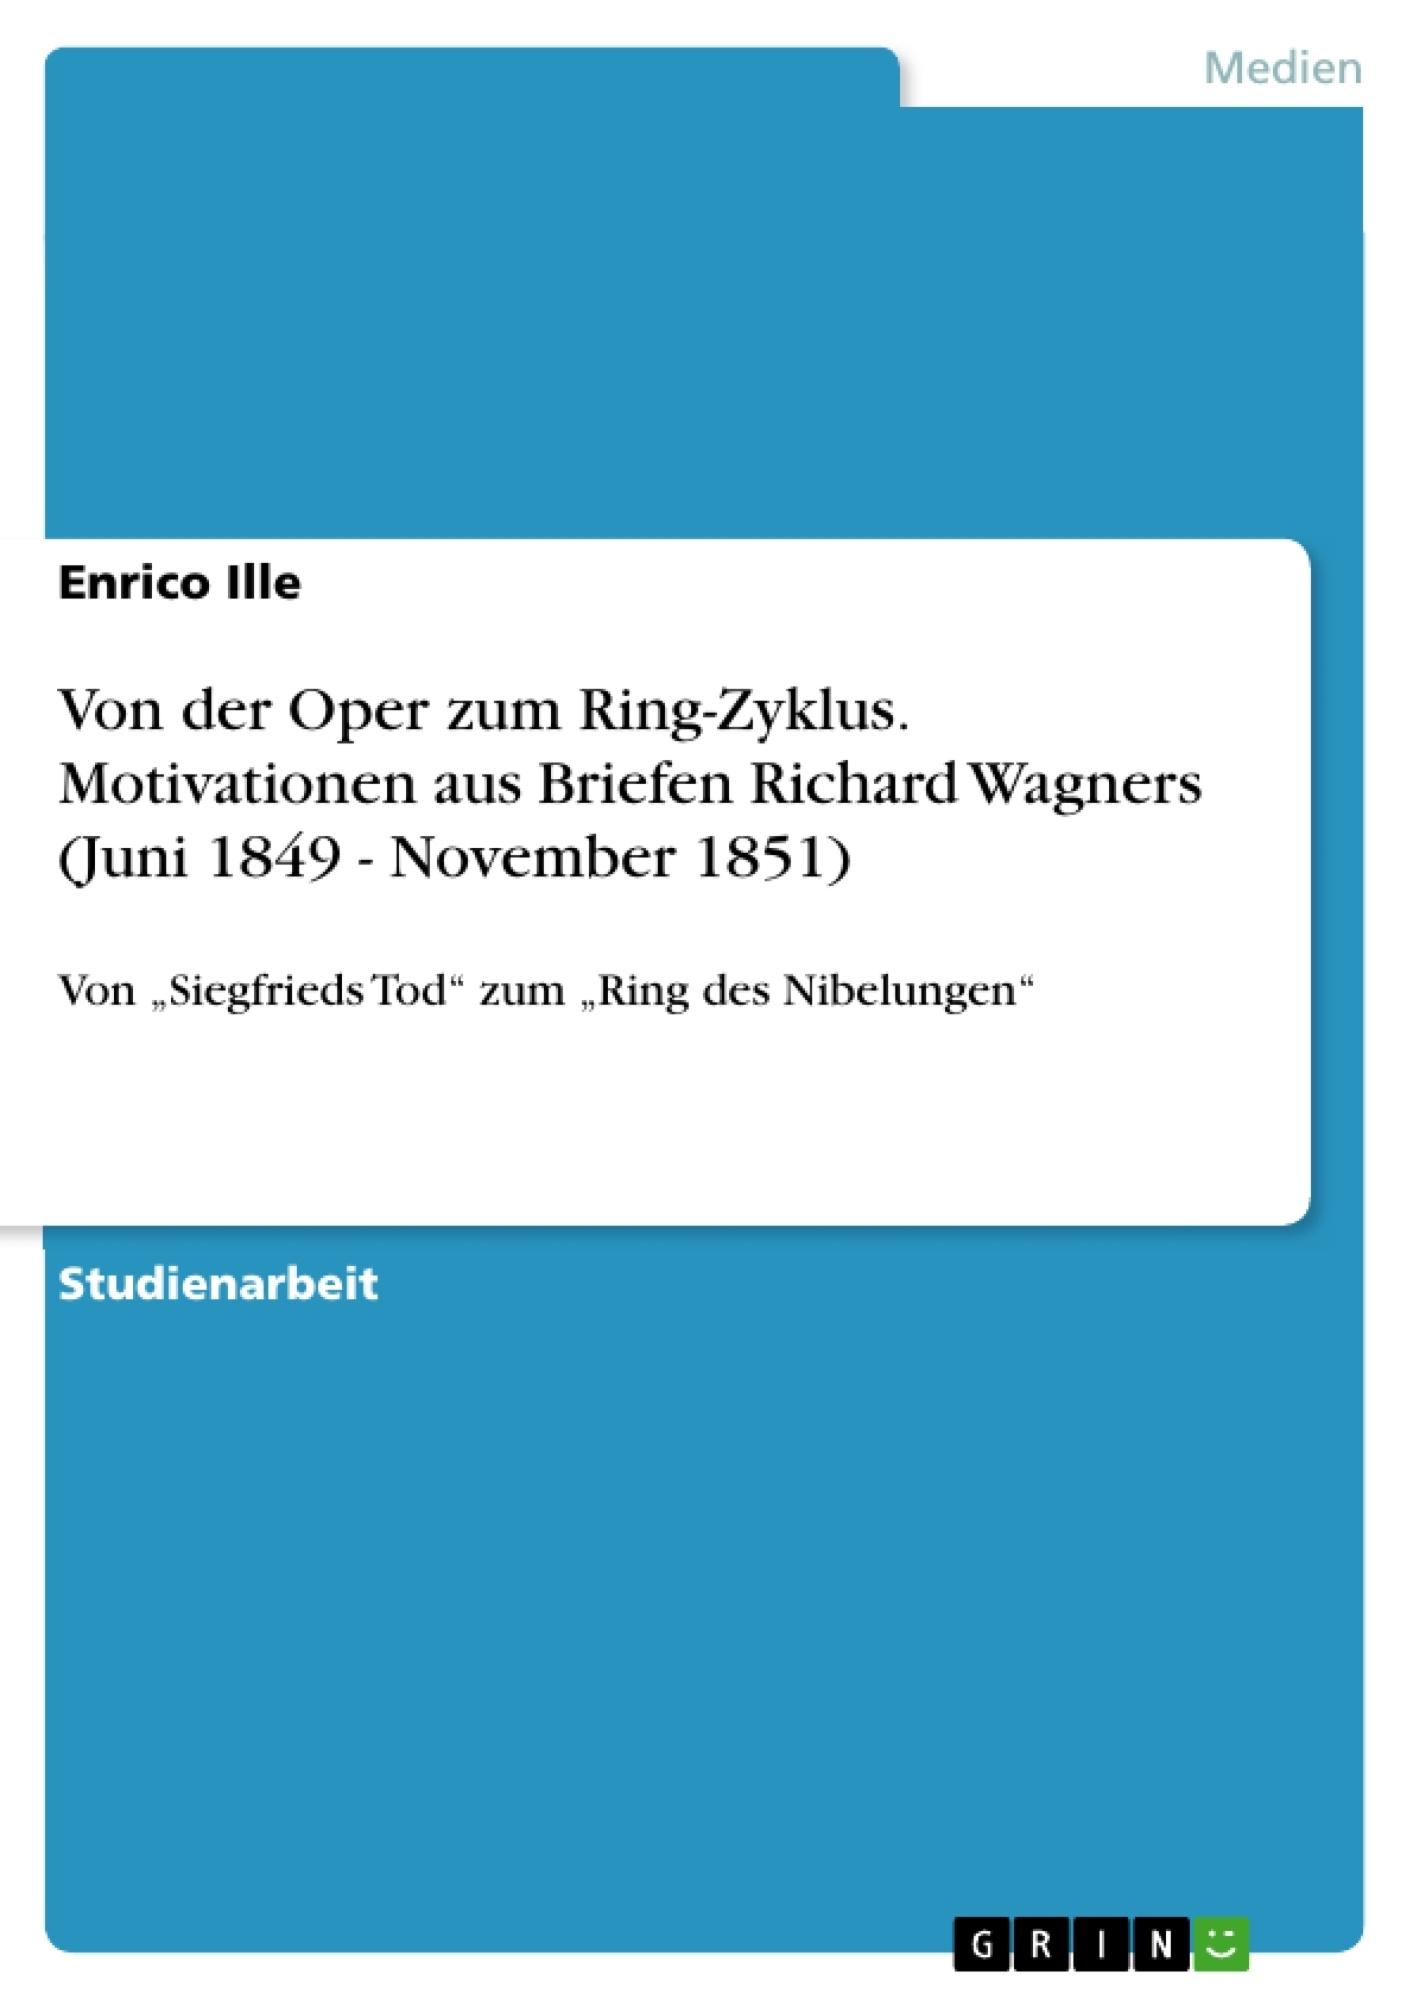 Titel: Von der Oper zum Ring-Zyklus. Motivationen aus Briefen Richard Wagners (Juni 1849 - November 1851)